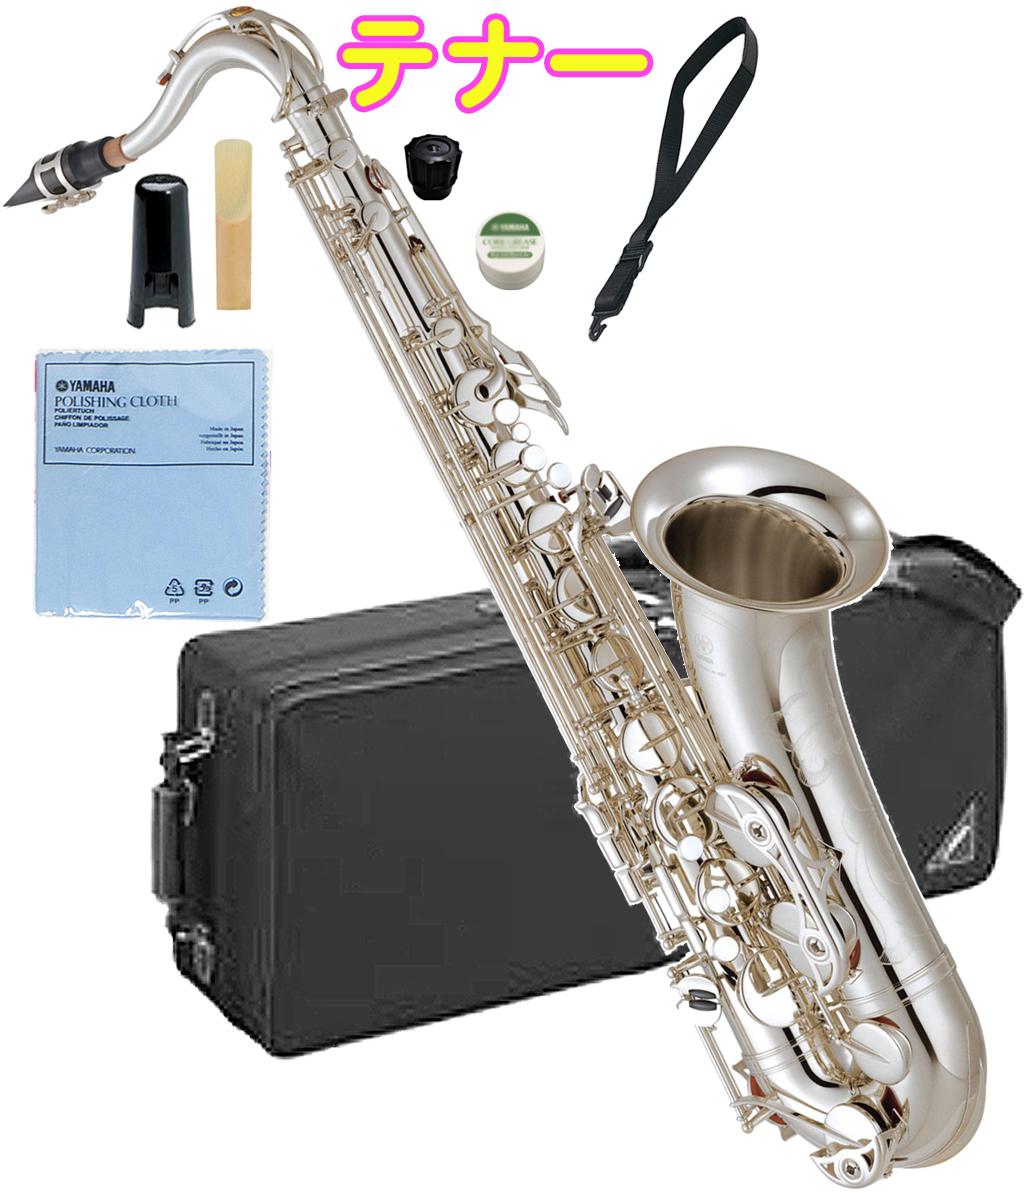 ビッグ割引 YAMAHA ( 銀メッキ ヤマハ YTS-62S-03 ) YTS-62S テナーサックス 新品 銀メッキ 日本製 正規品 管楽器 管体 カラー シルバー テナーサクソフォン 正規品 62シリーズ YTS-62S-03 tenor saxophone 送料無料, クロネコ書店:19cdb253 --- semanariodejacarei.com.br